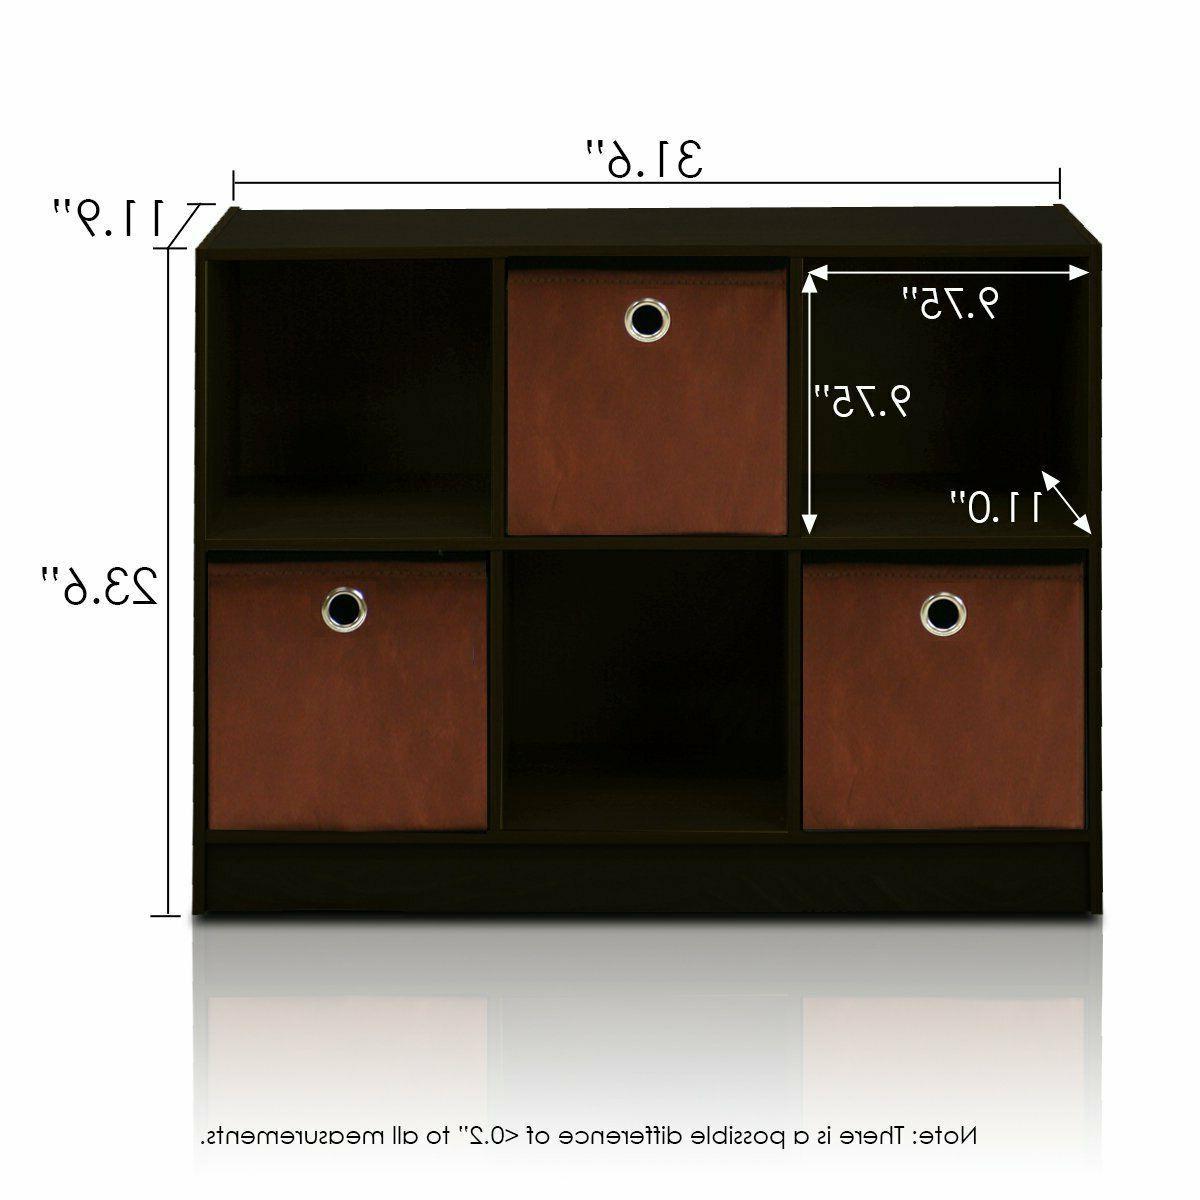 3x2 Storage Bins Organizer Hold